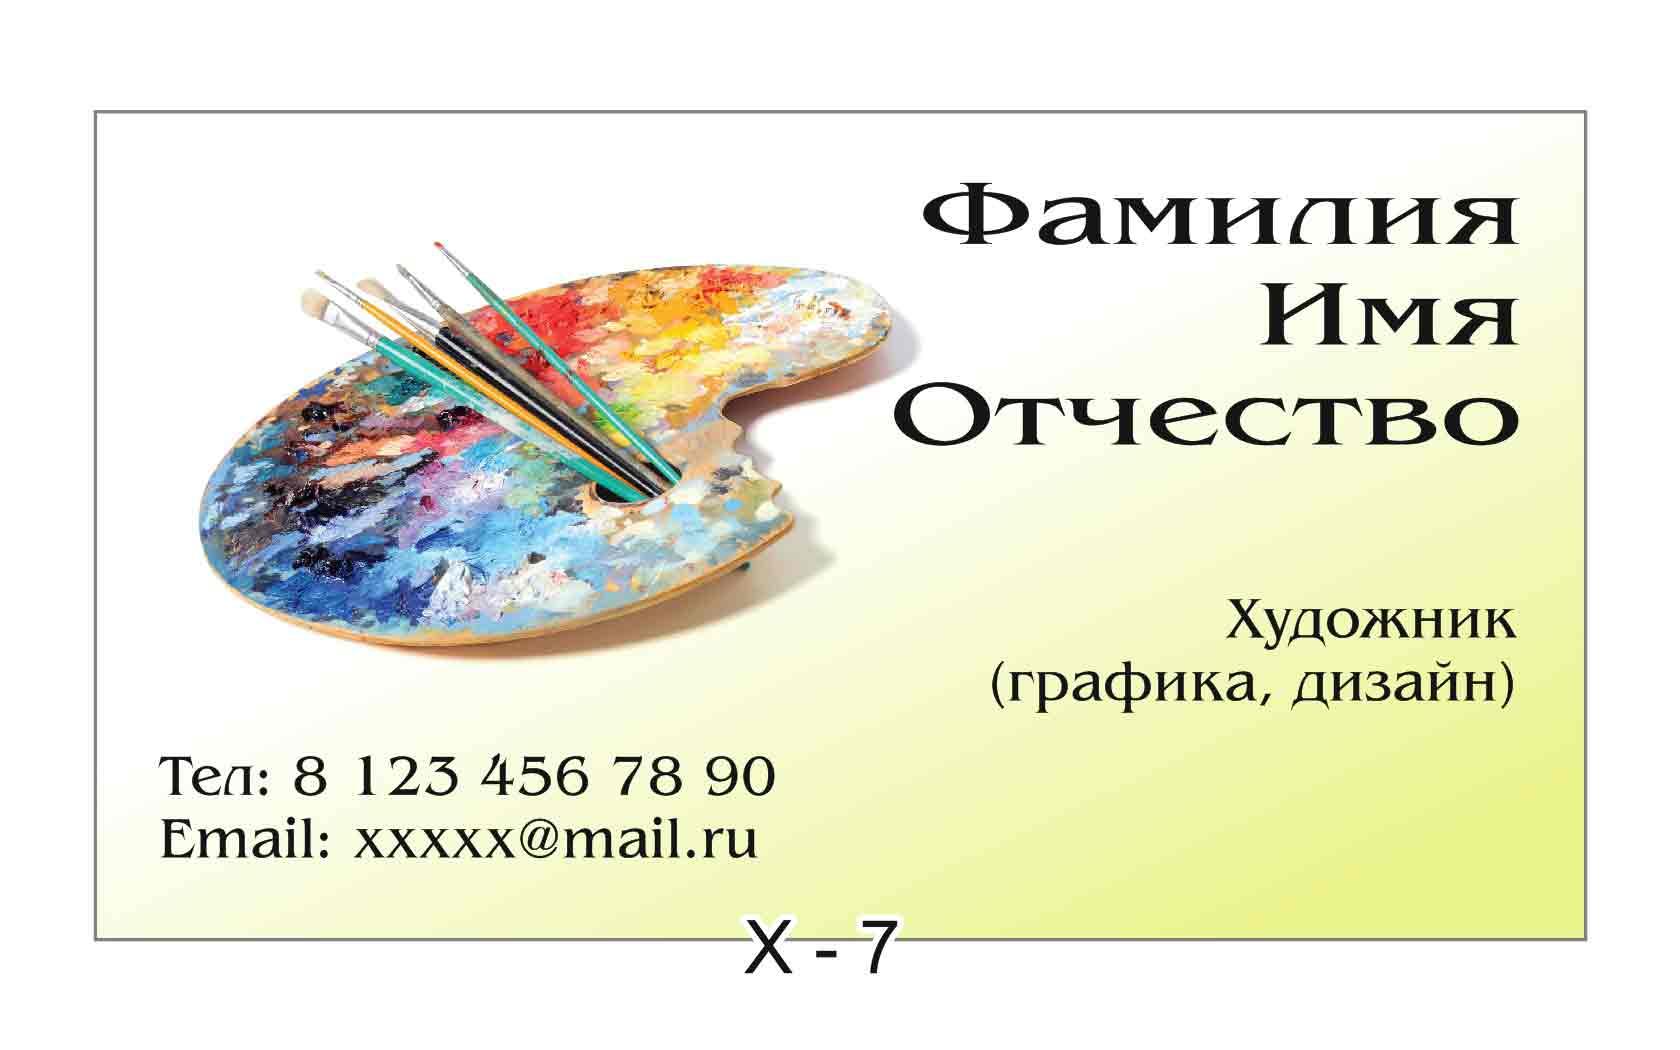 Как сделать визитки художника